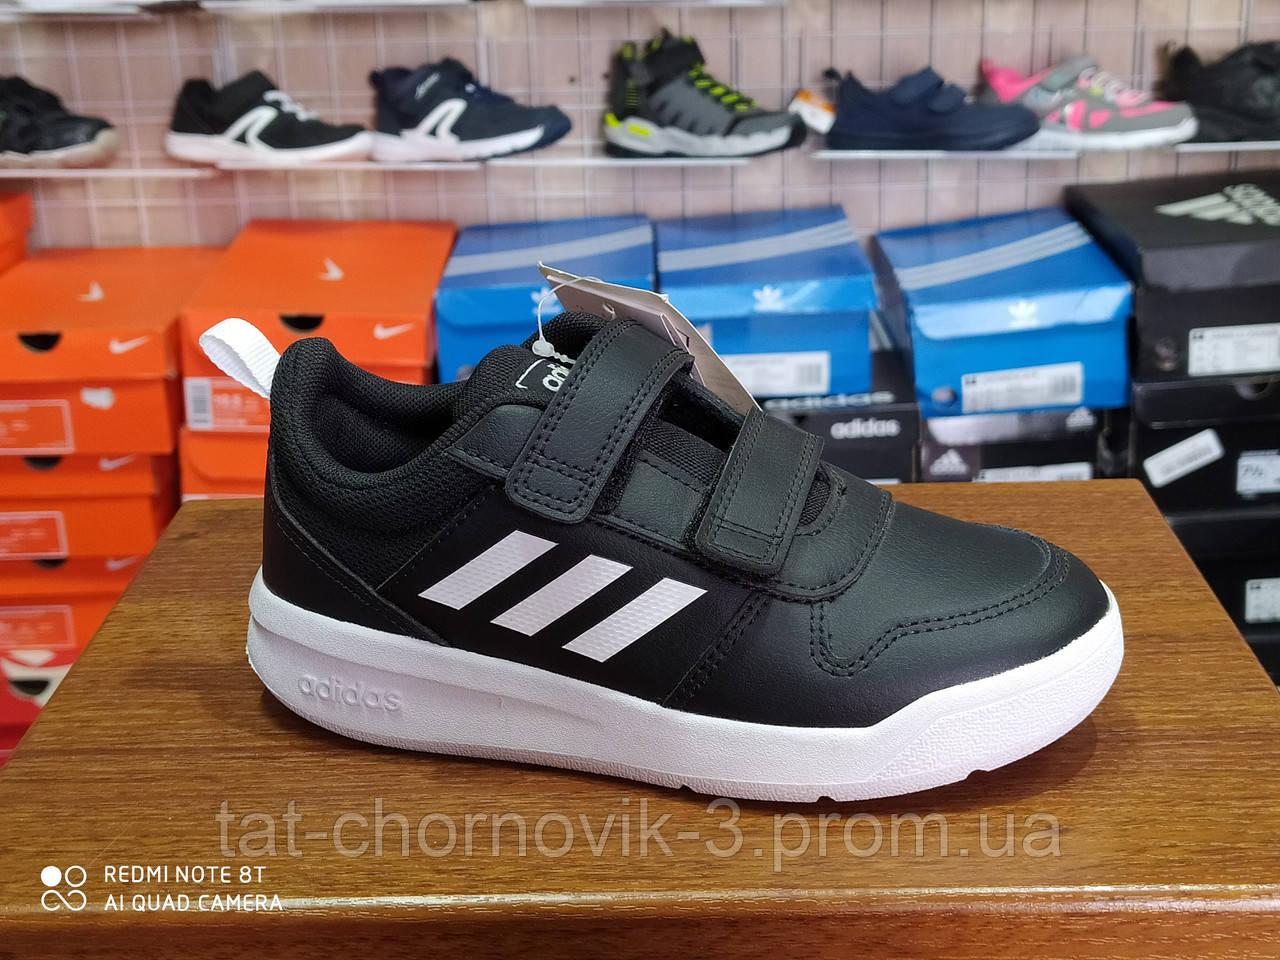 Кроссовки детские Adidas TENSAURUS C  art. EF1092